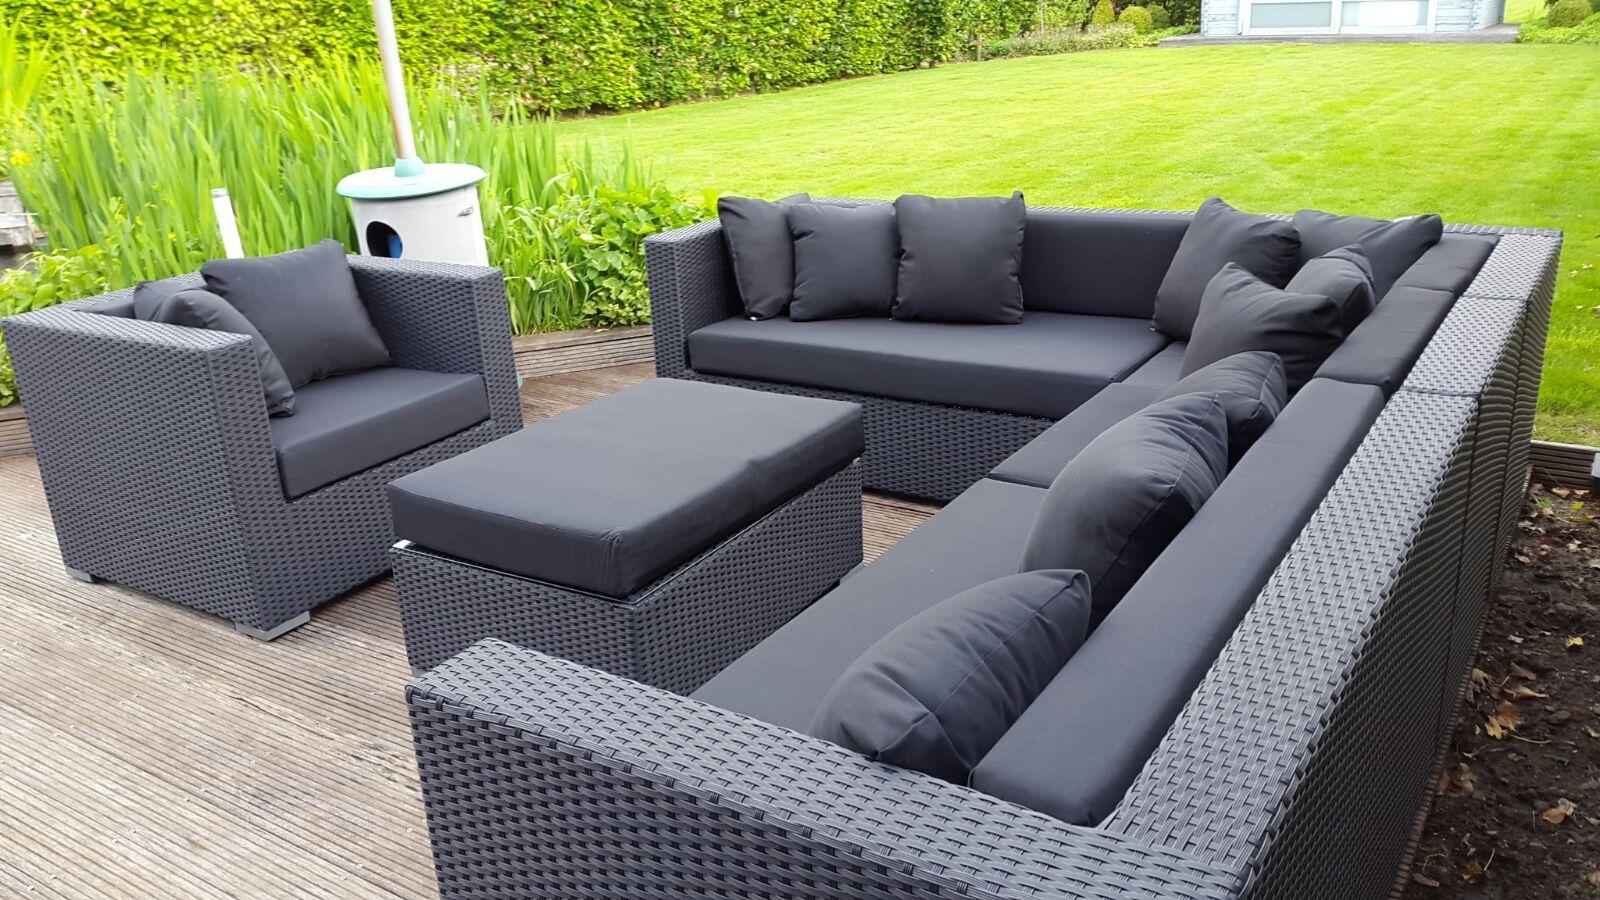 Lounge Tuin Hoekbank.Afbeeldingsresultaat Voor Lounge Hoekbank Tuin Terras